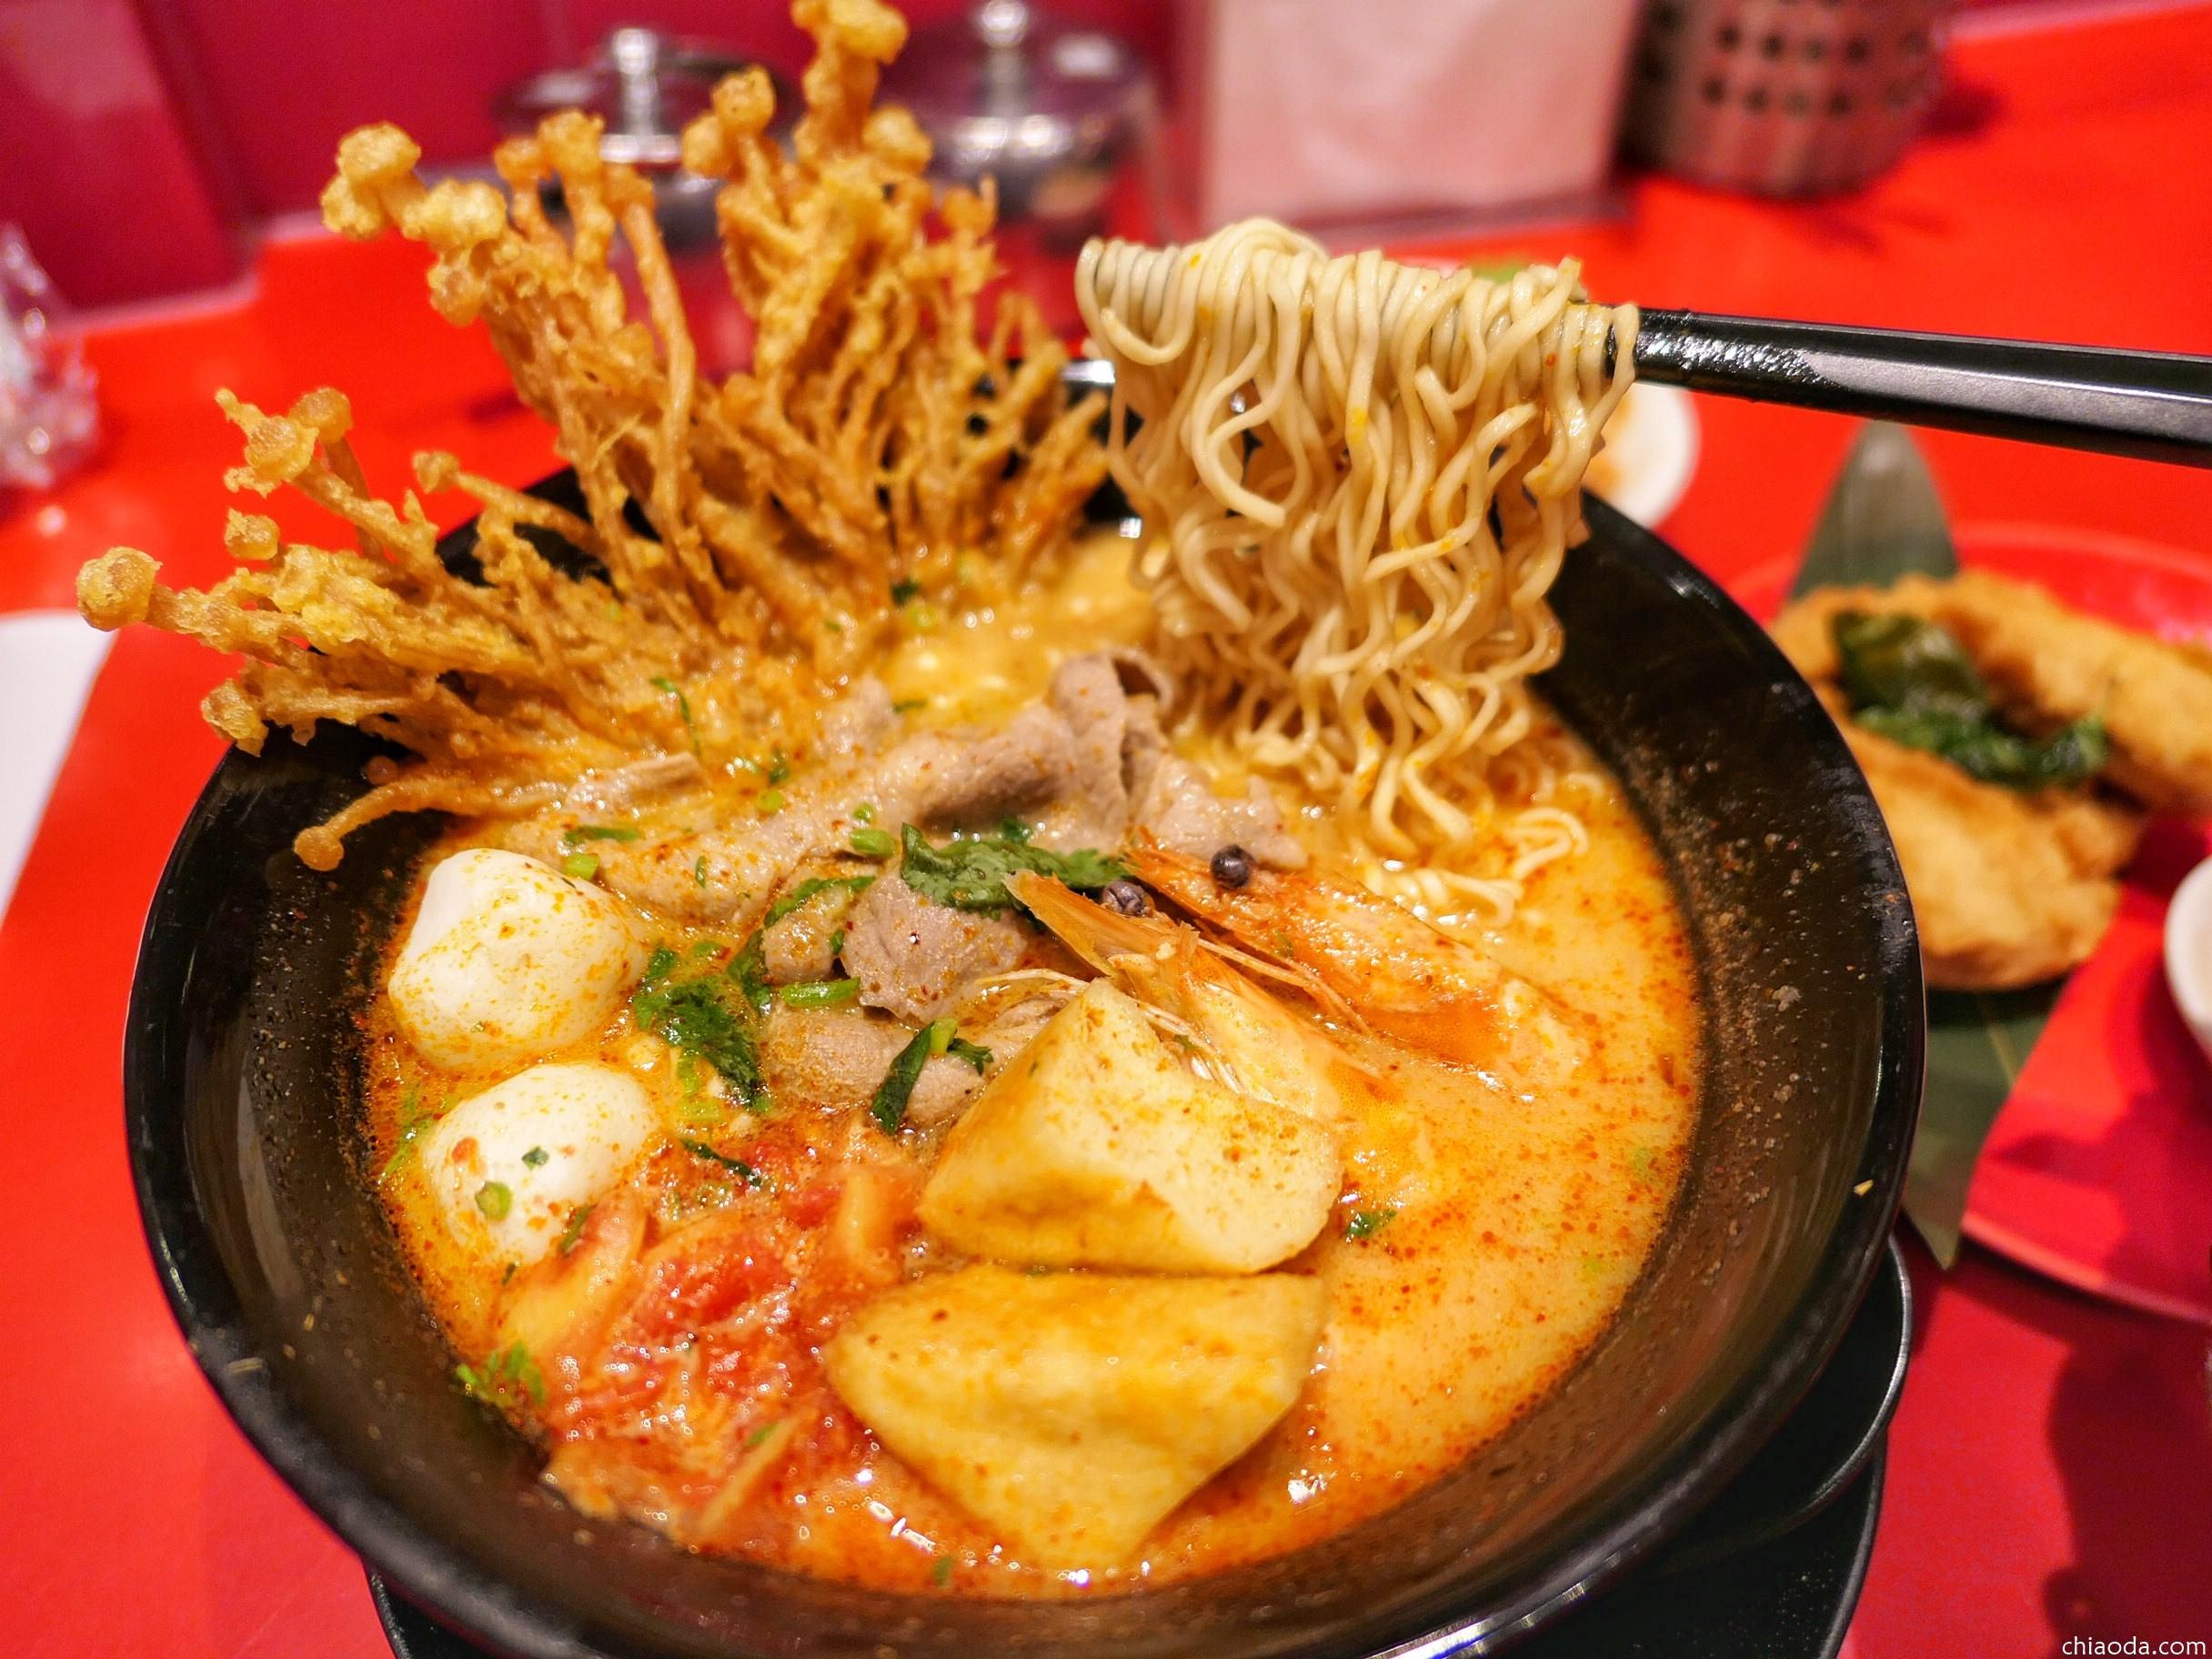 大心新泰式麵食 百貨美食推薦!湯頭優秀、配料豐富,一碗就滿足!